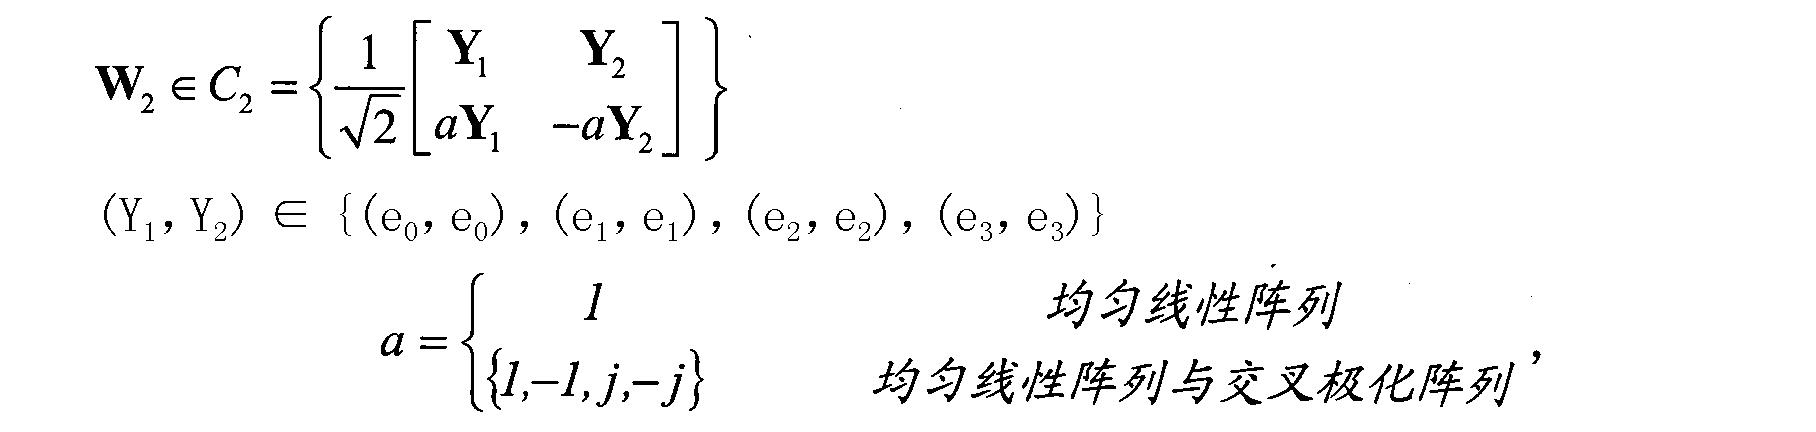 Figure CN102404084BC00034